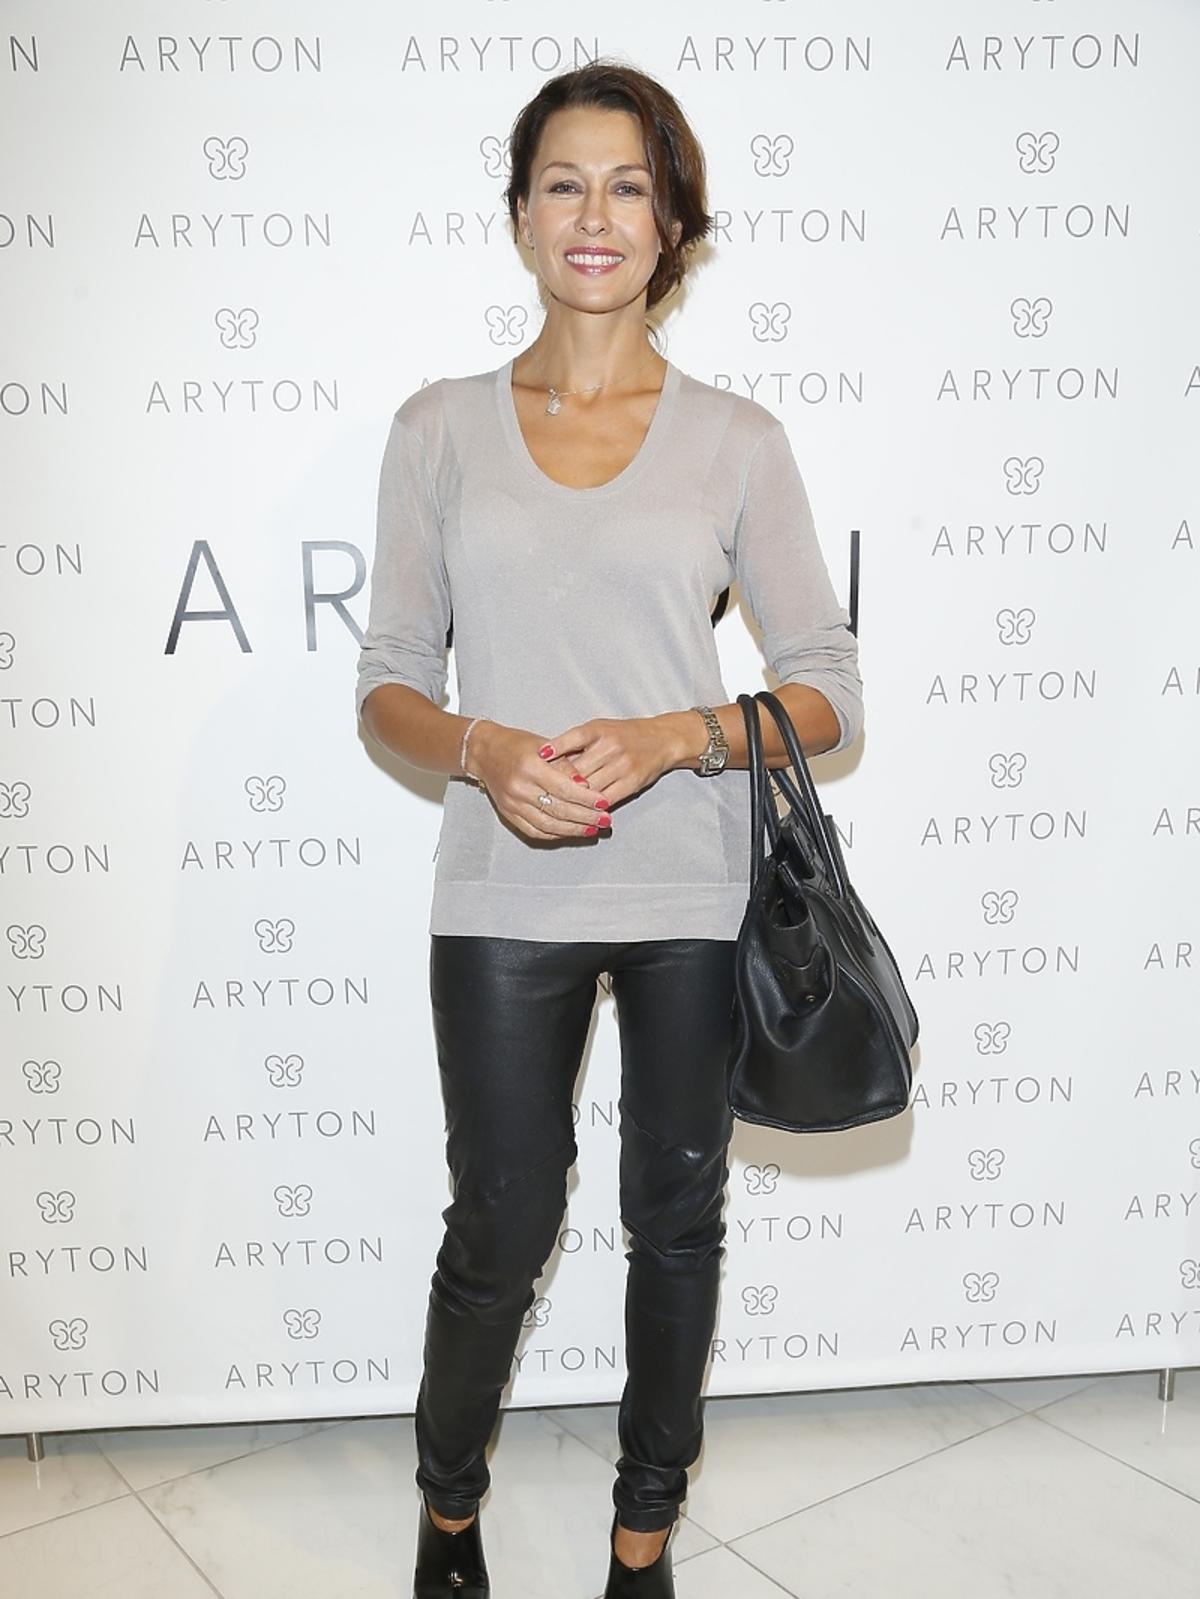 Anna Popek na pokazie nowej kolekcji marki Aryton